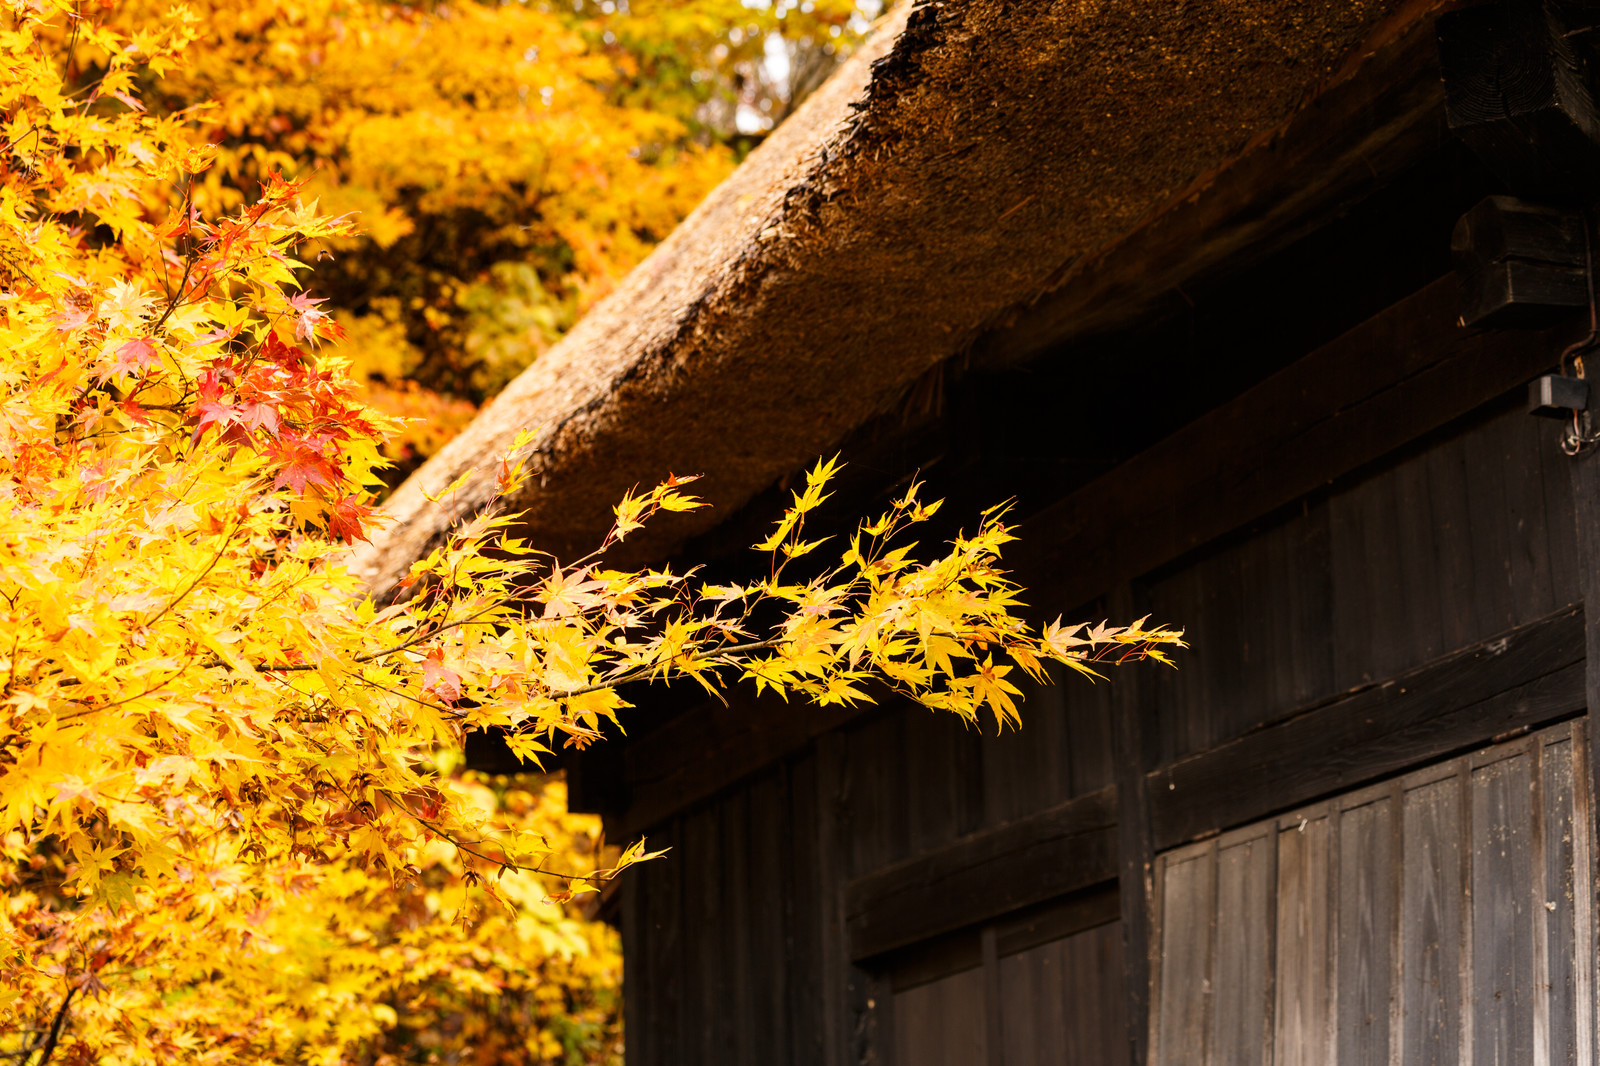 「茅葺屋根と黄色の紅葉茅葺屋根と黄色の紅葉」のフリー写真素材を拡大